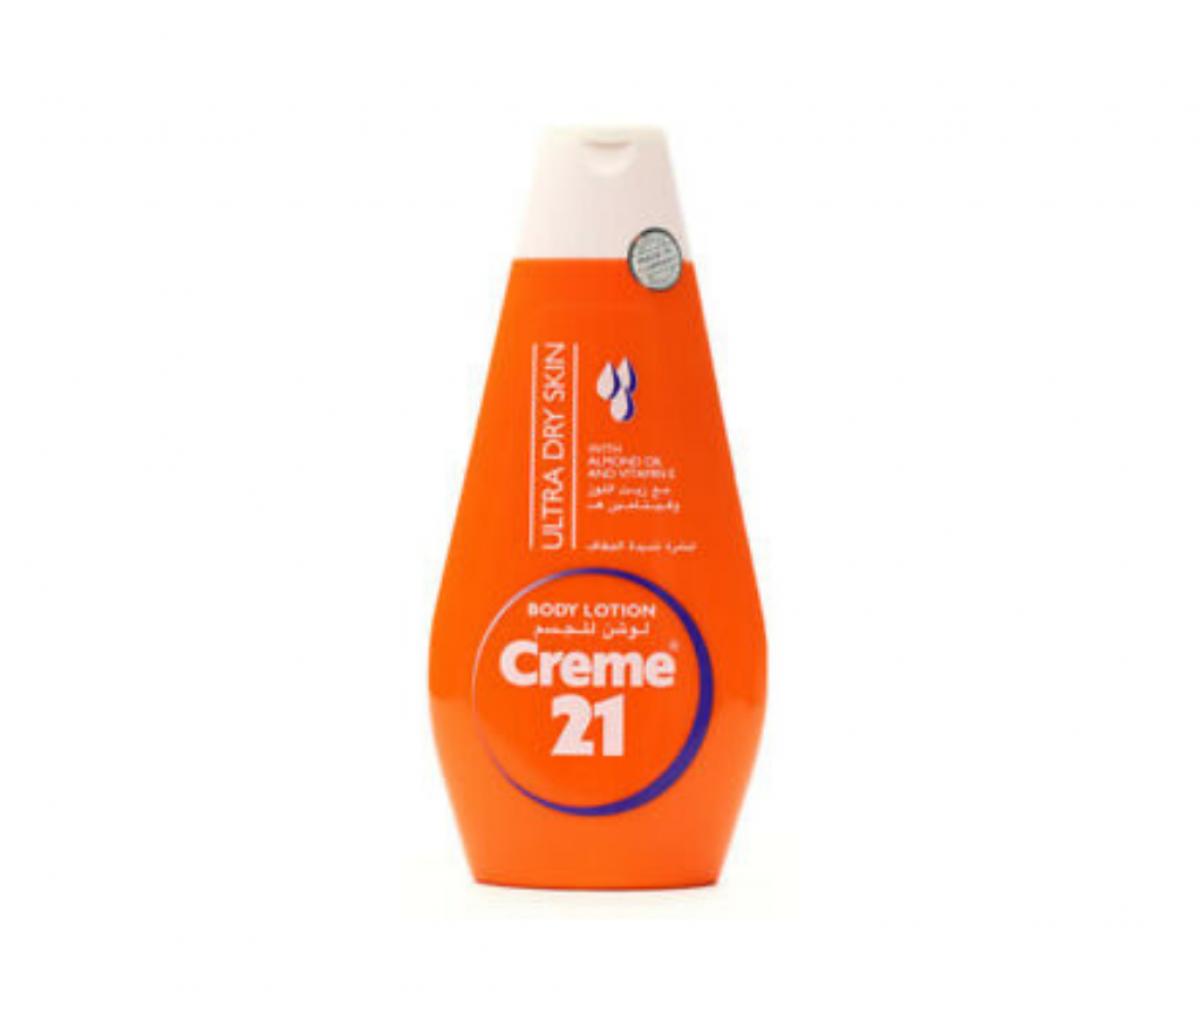 Crème 21 Lotion 250ml Ultra Dry Skin